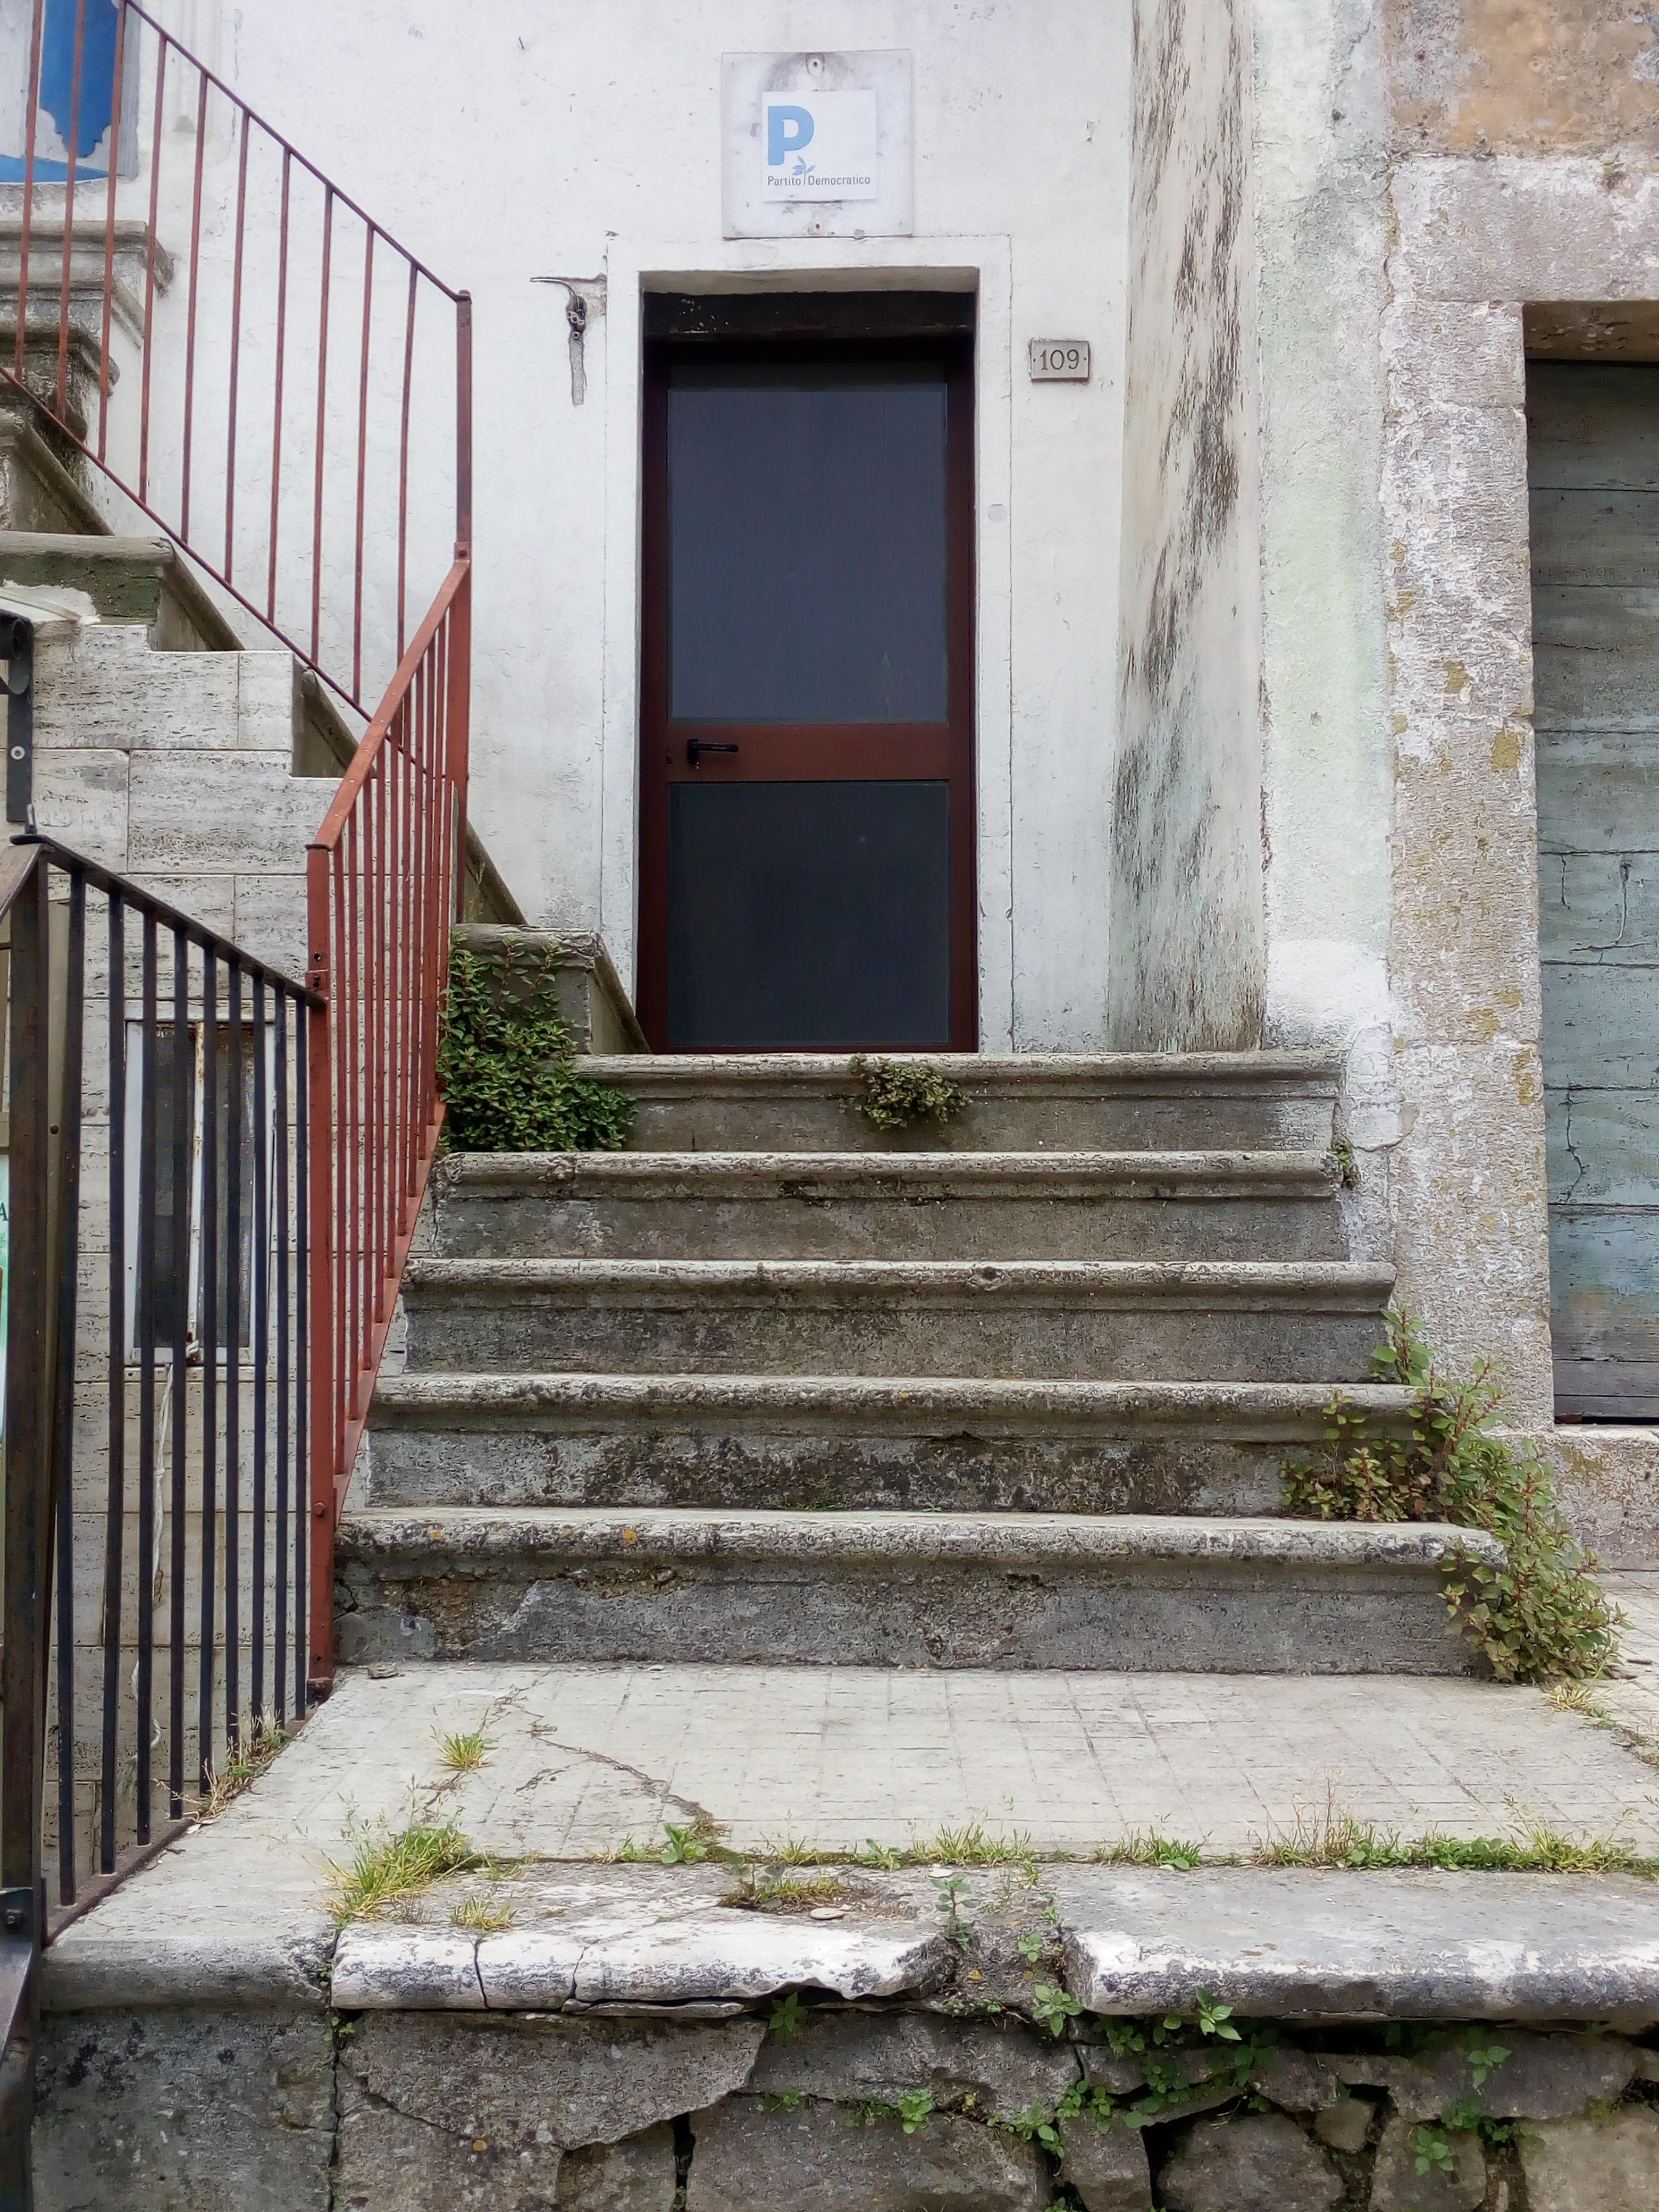 Ufficio / Studio in vendita a Vico del Gargano, 2 locali, prezzo € 42.000 | PortaleAgenzieImmobiliari.it